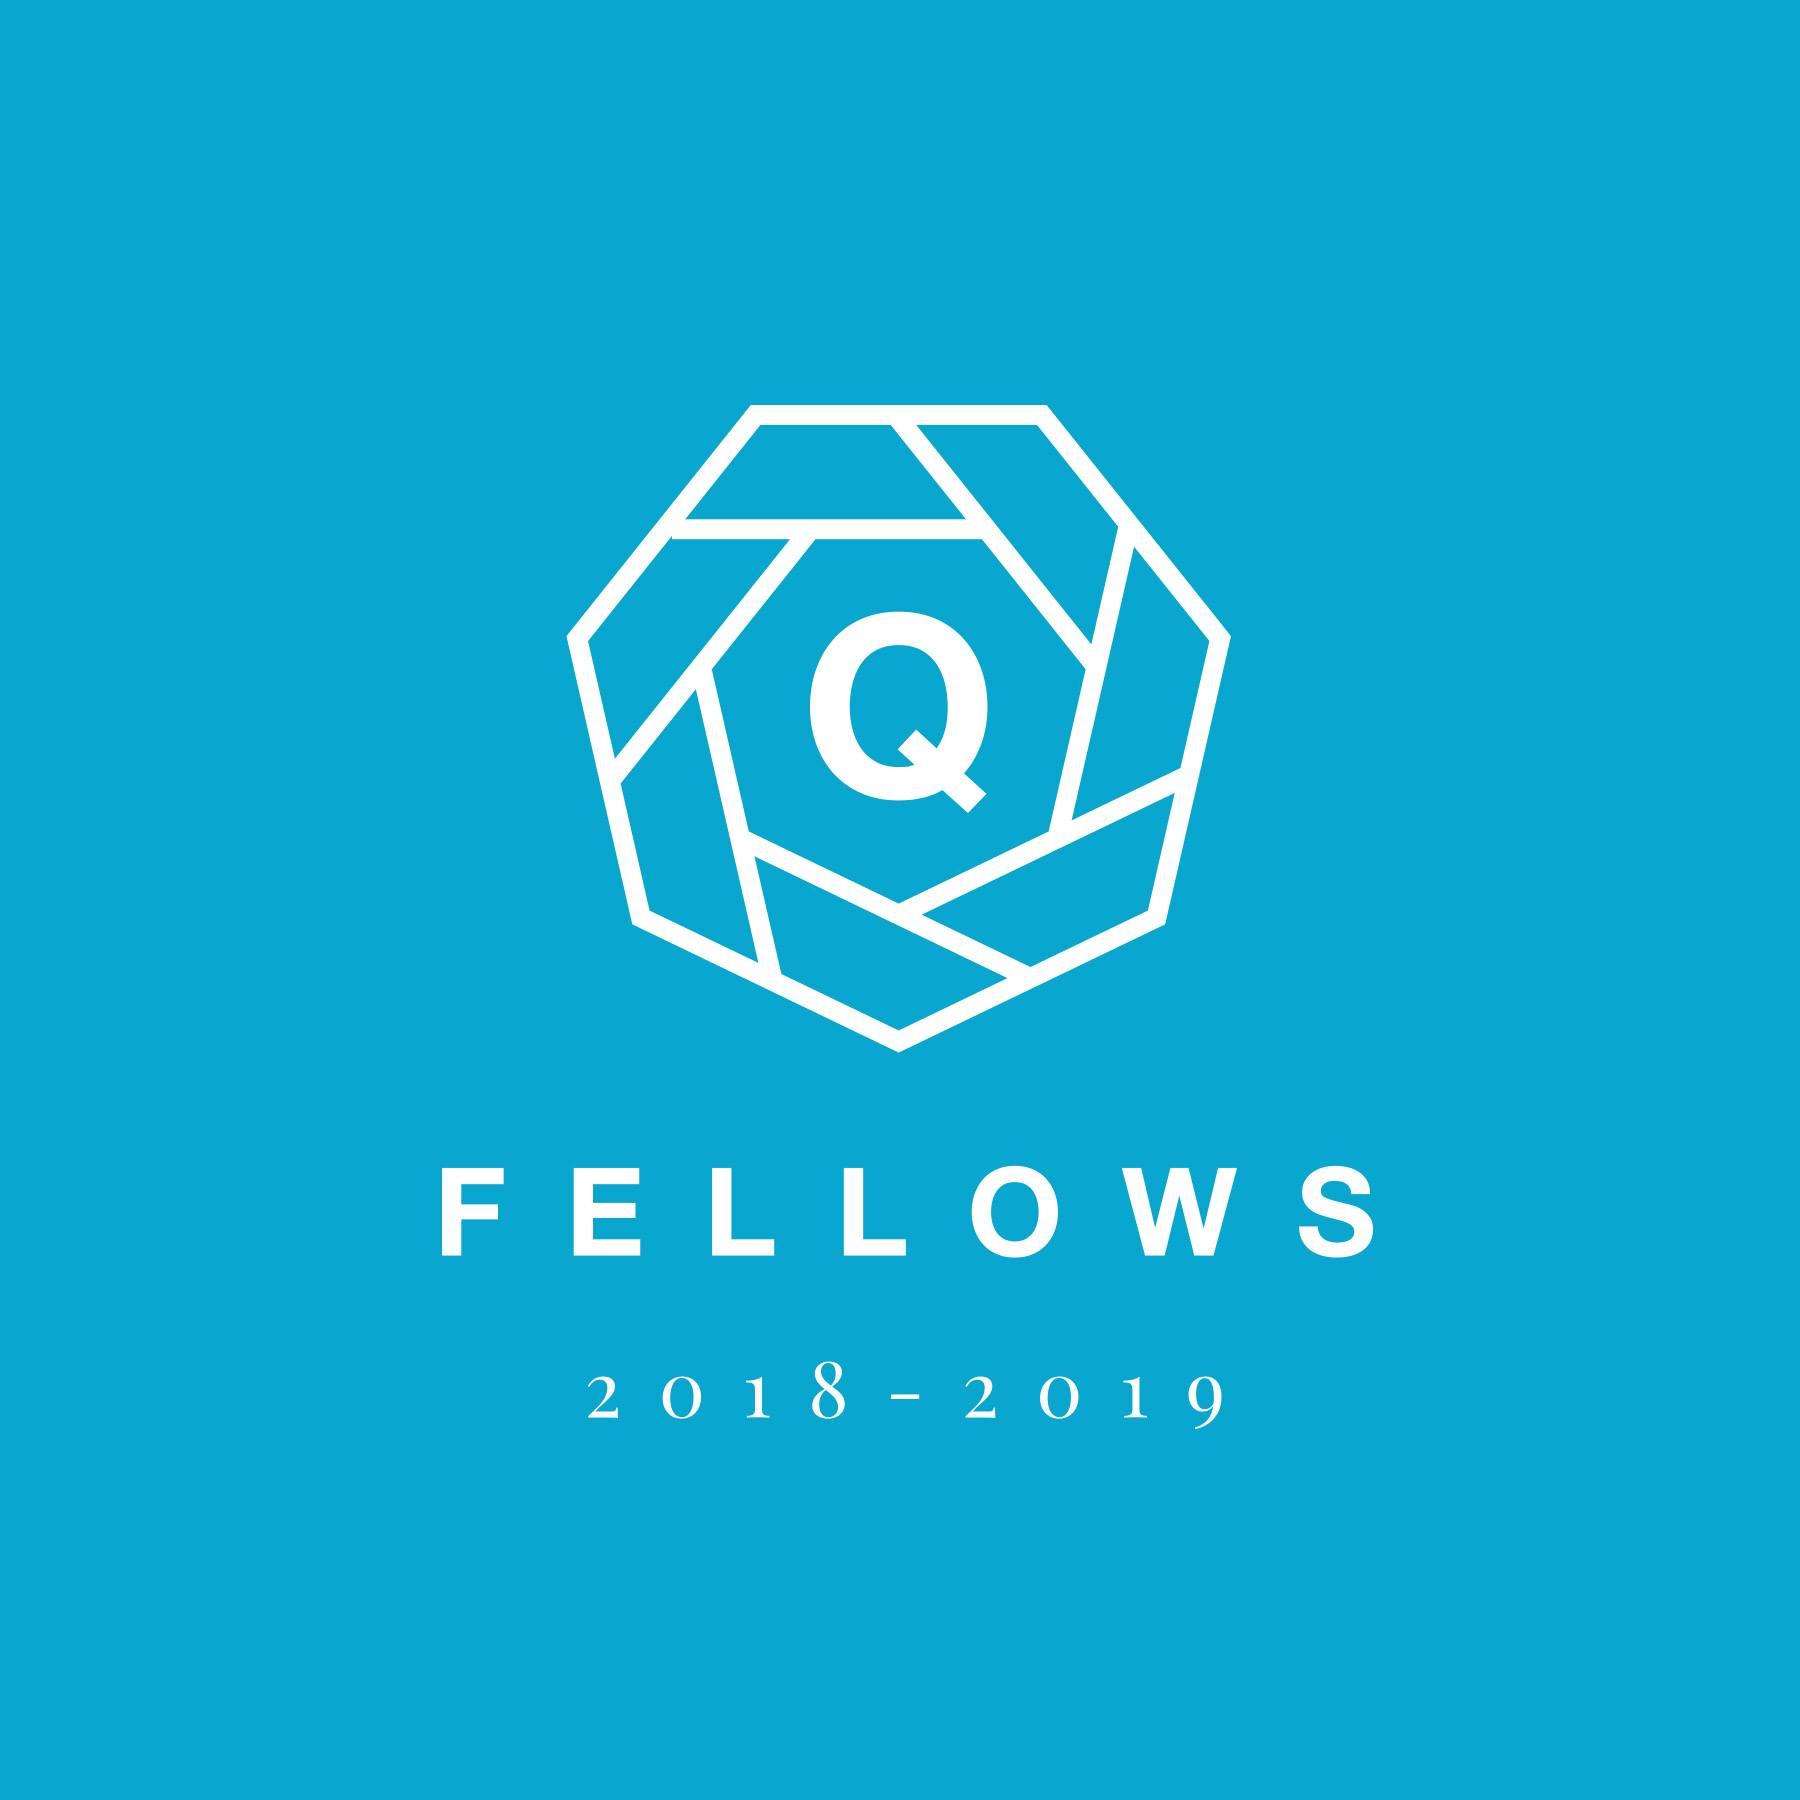 Q Fellows